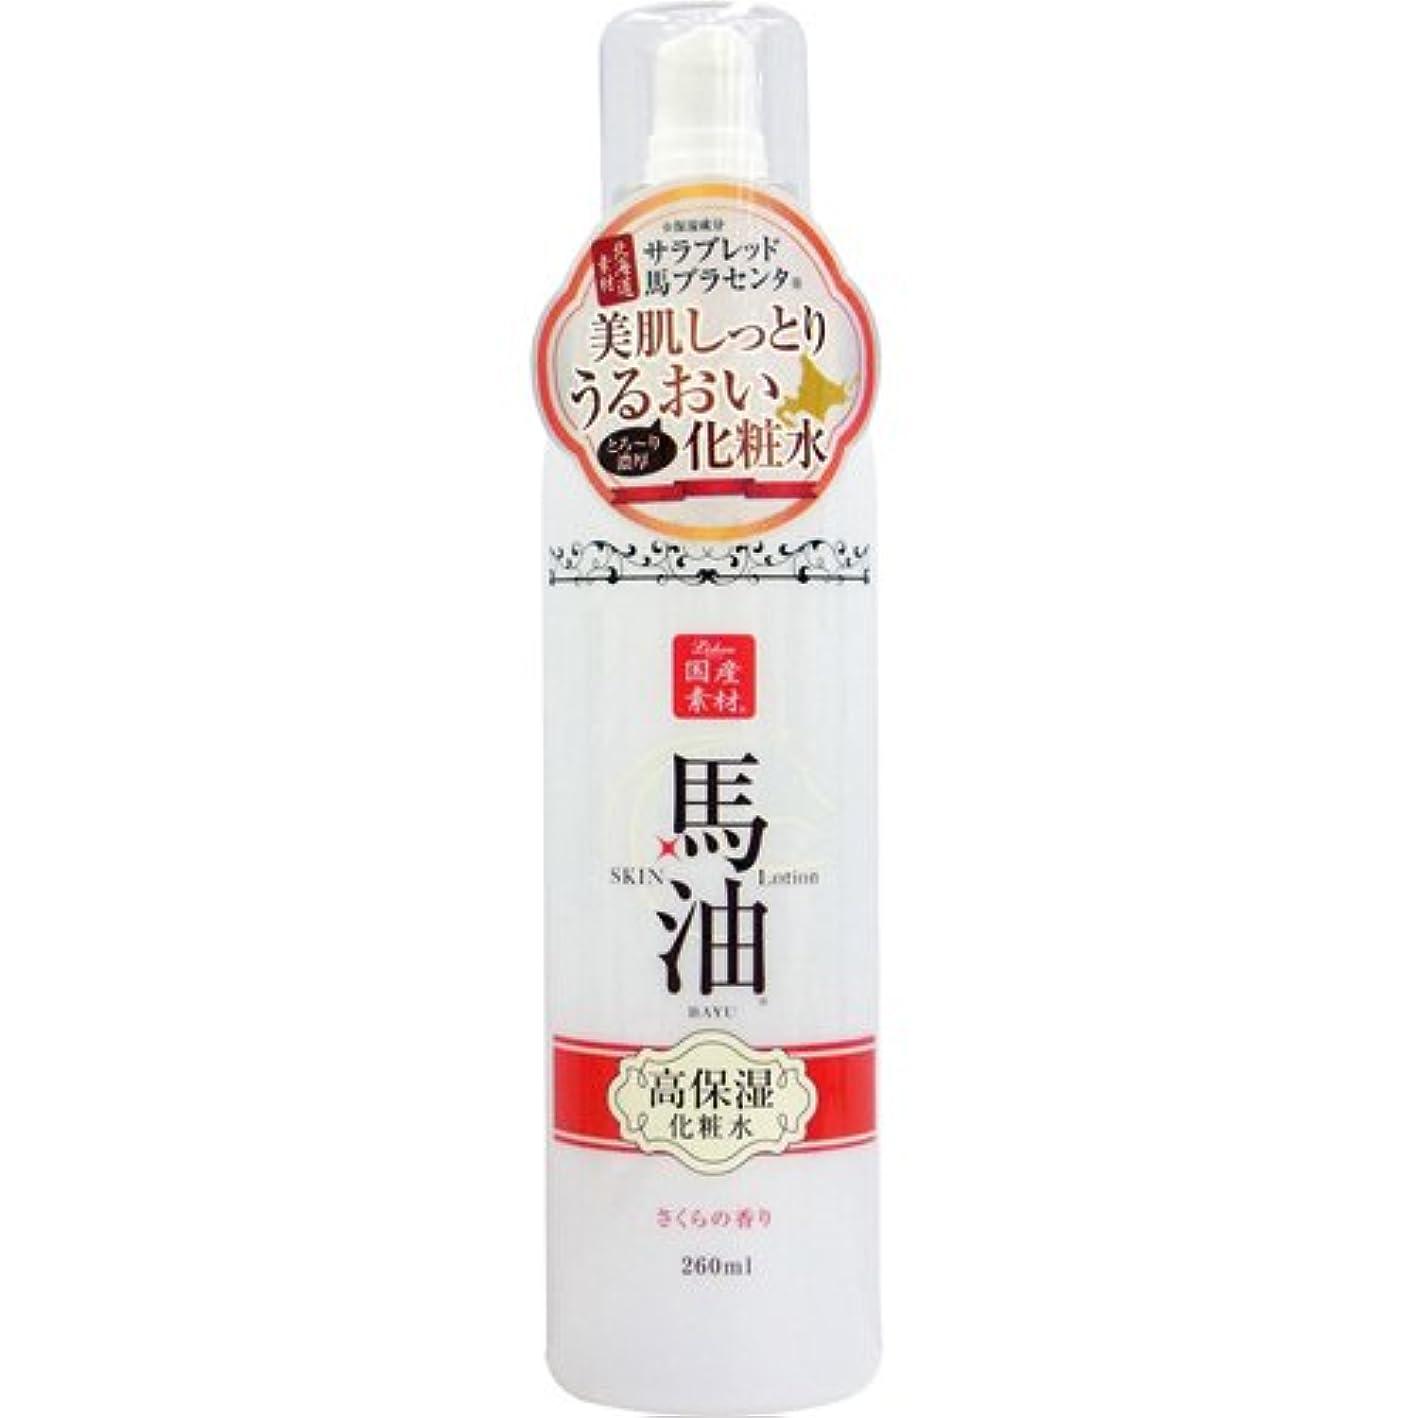 ジェームズダイソン明示的に壁紙リシャン 馬油化粧水 (さくらの香り) (260mL)